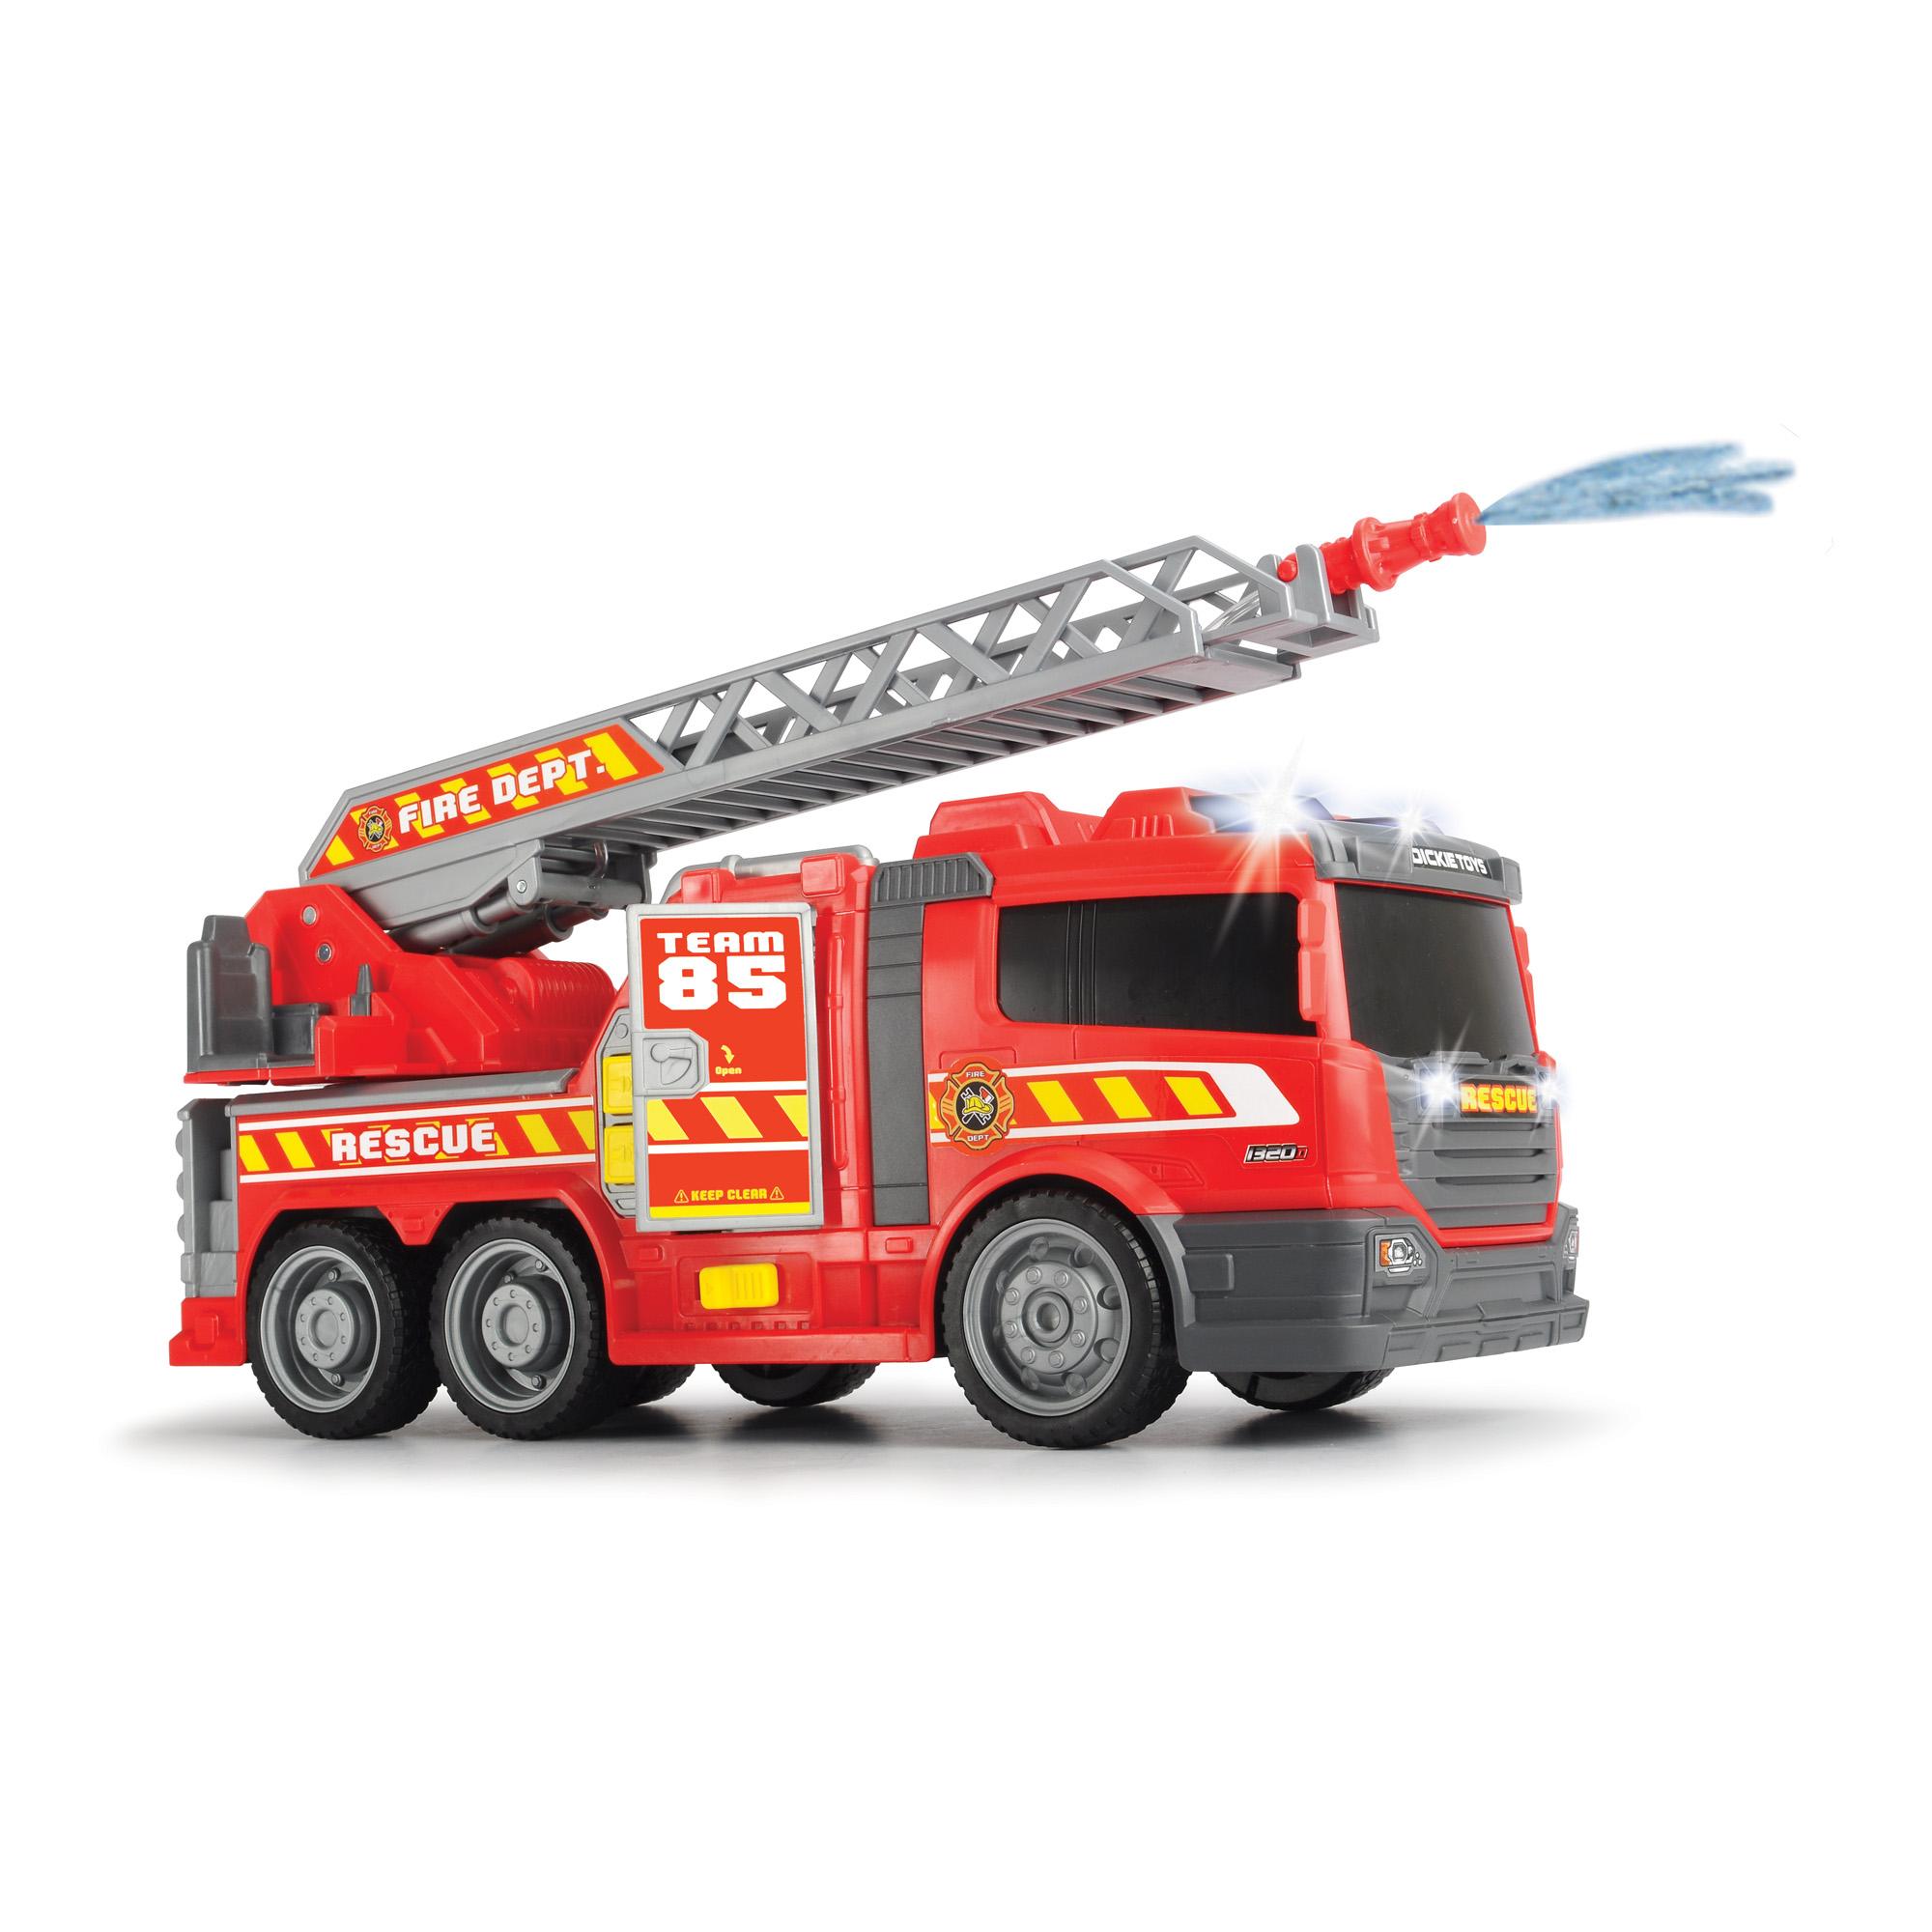 Машина Пожарная 36см, с водой, свет, звук